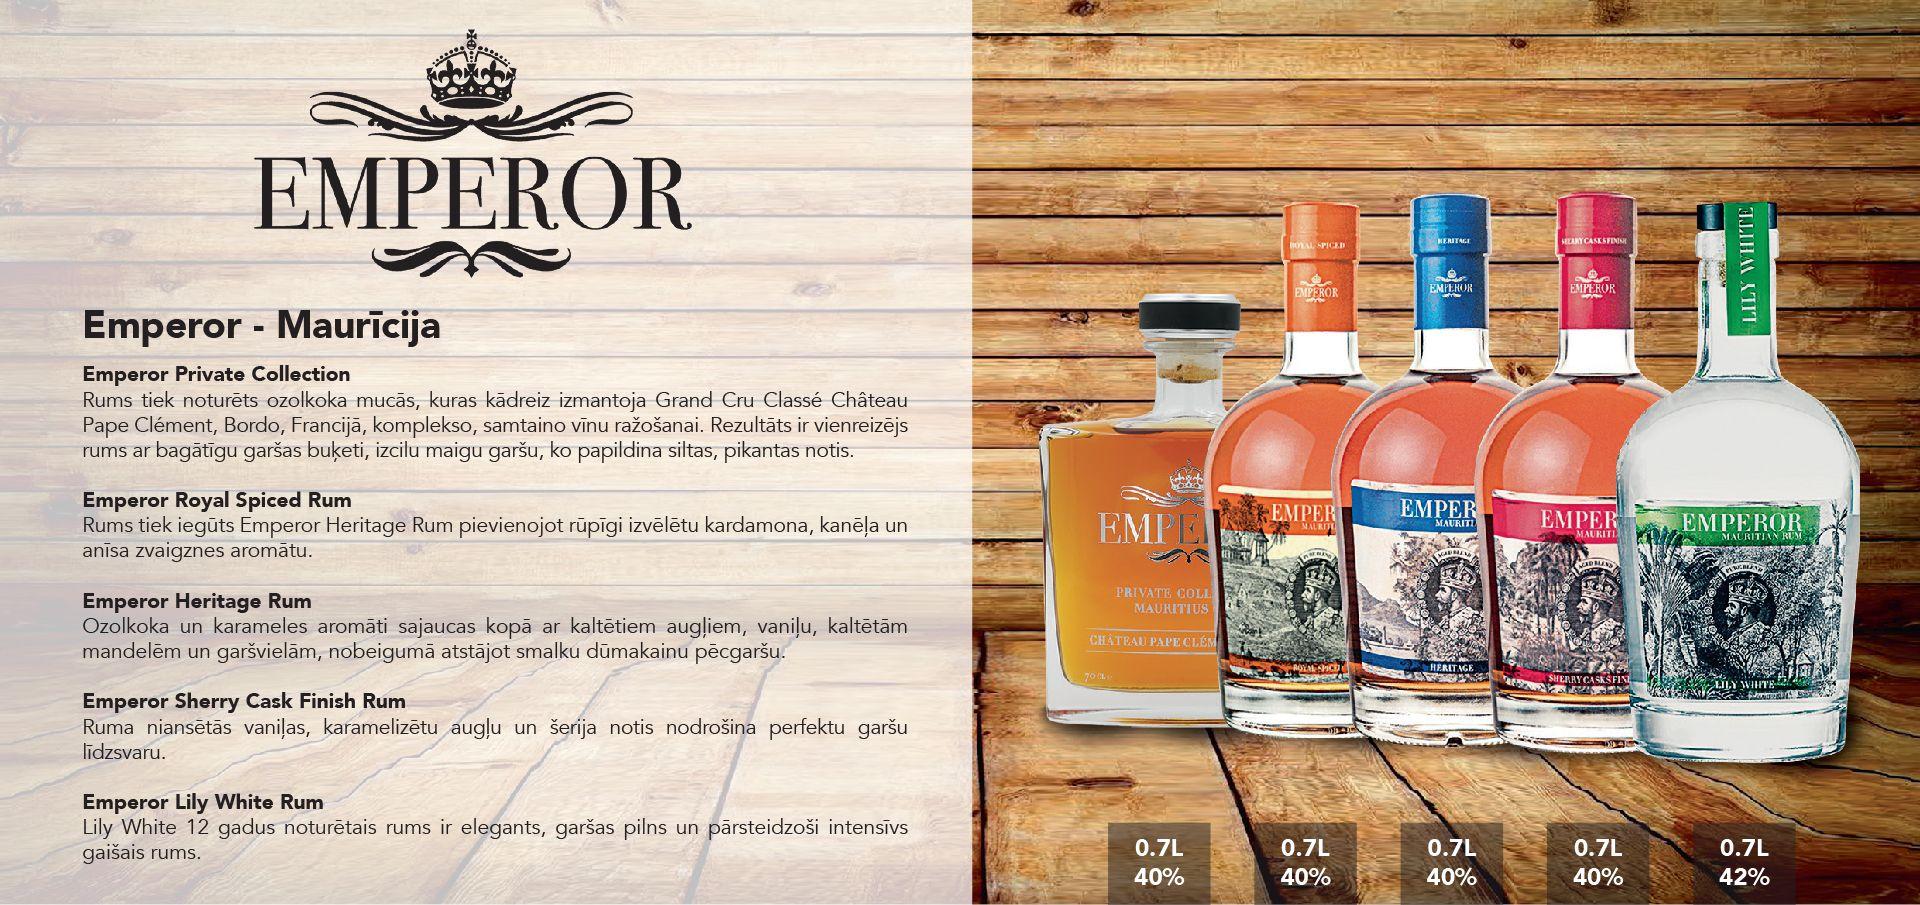 Emperor Rum - Maurīcija